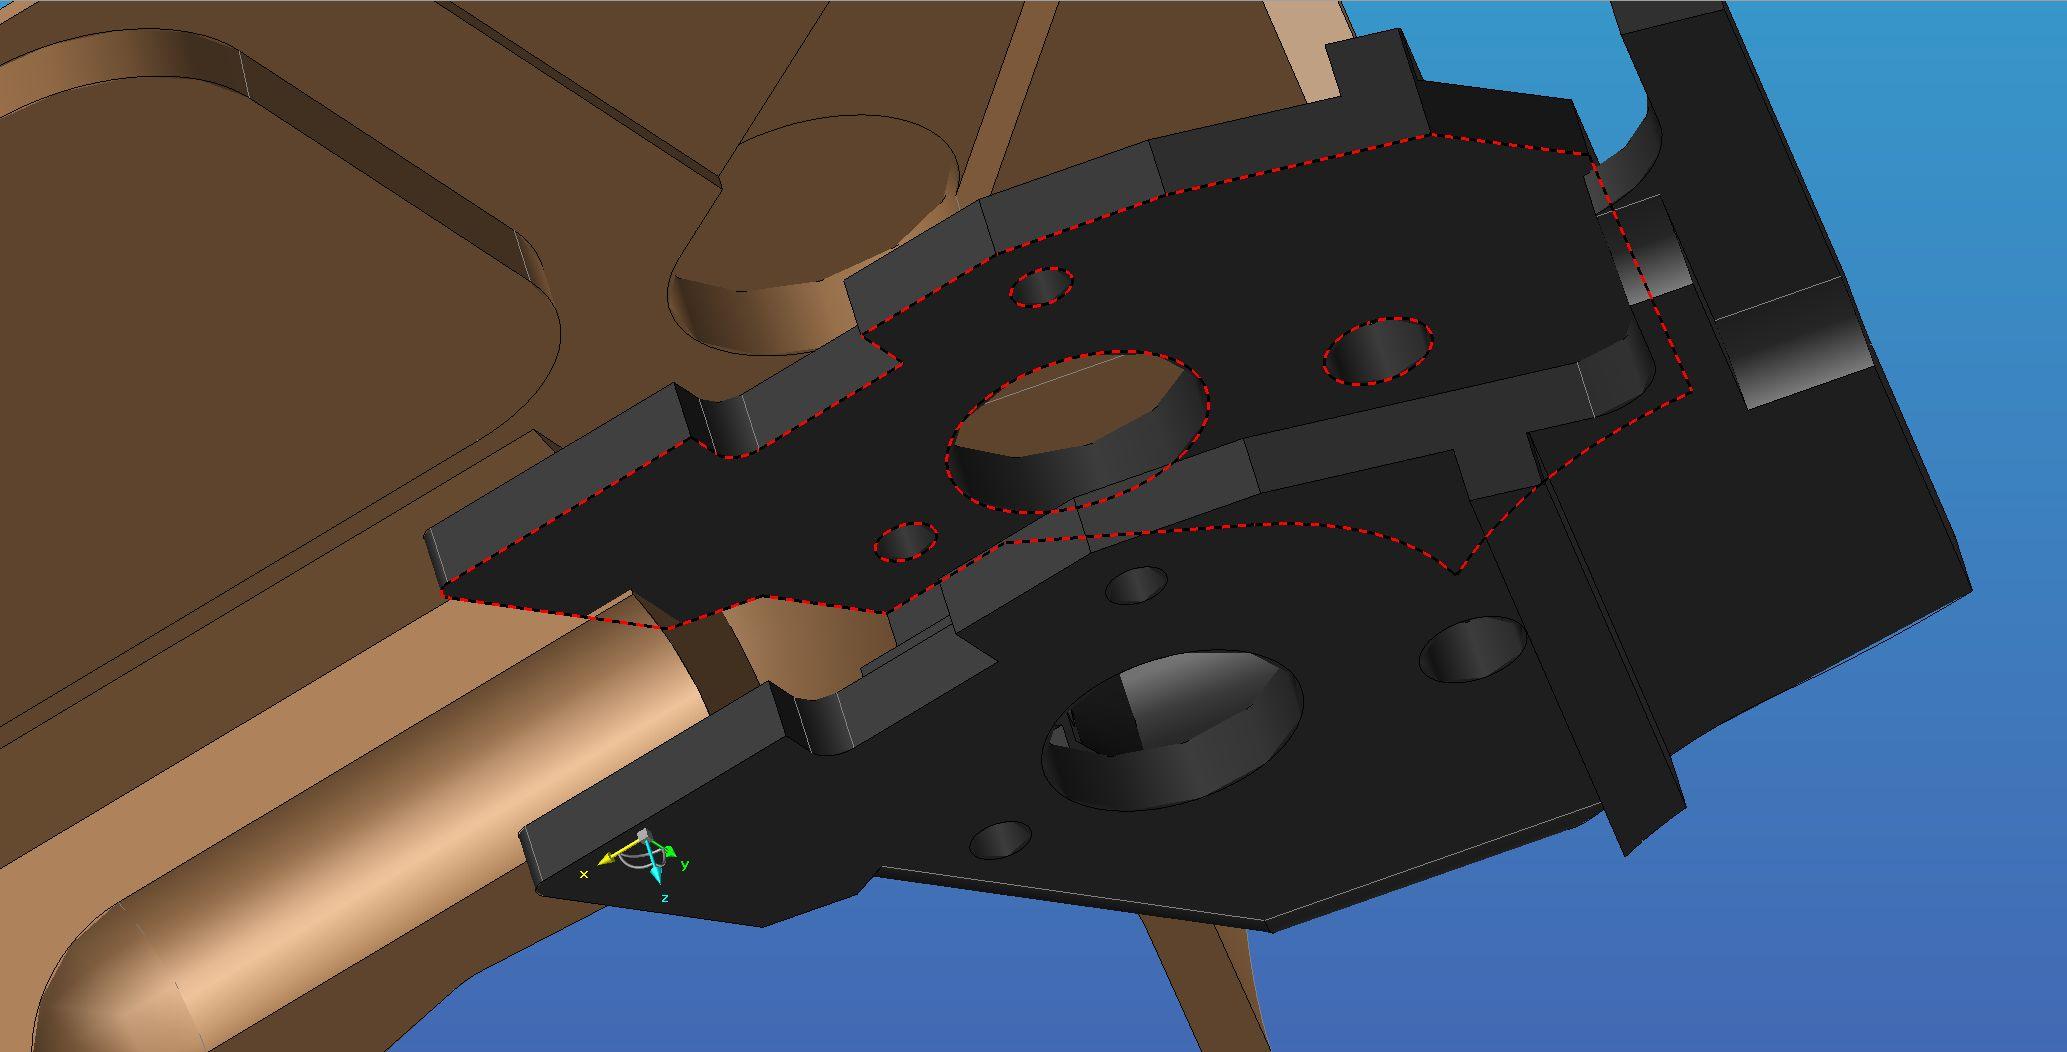 Beavertail pour un P210? - Page 4 Colision